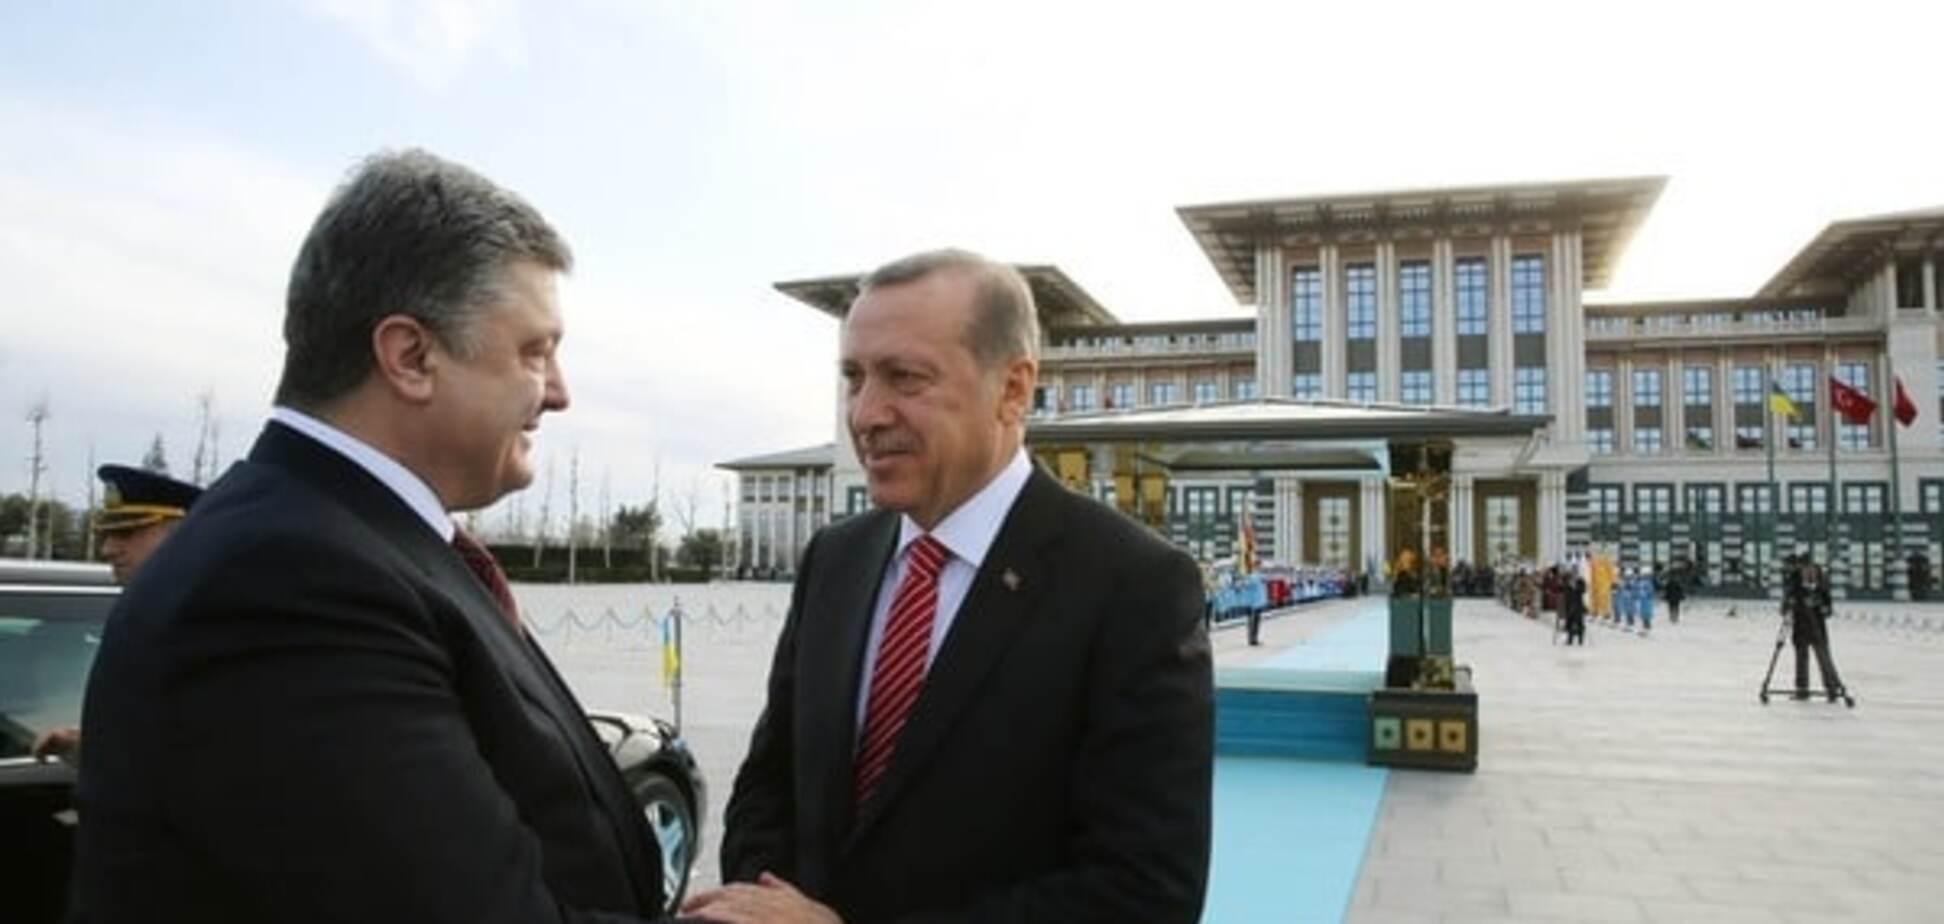 Одна мета: експерт пояснив, що Києву та Анкарі потрібно один від одного